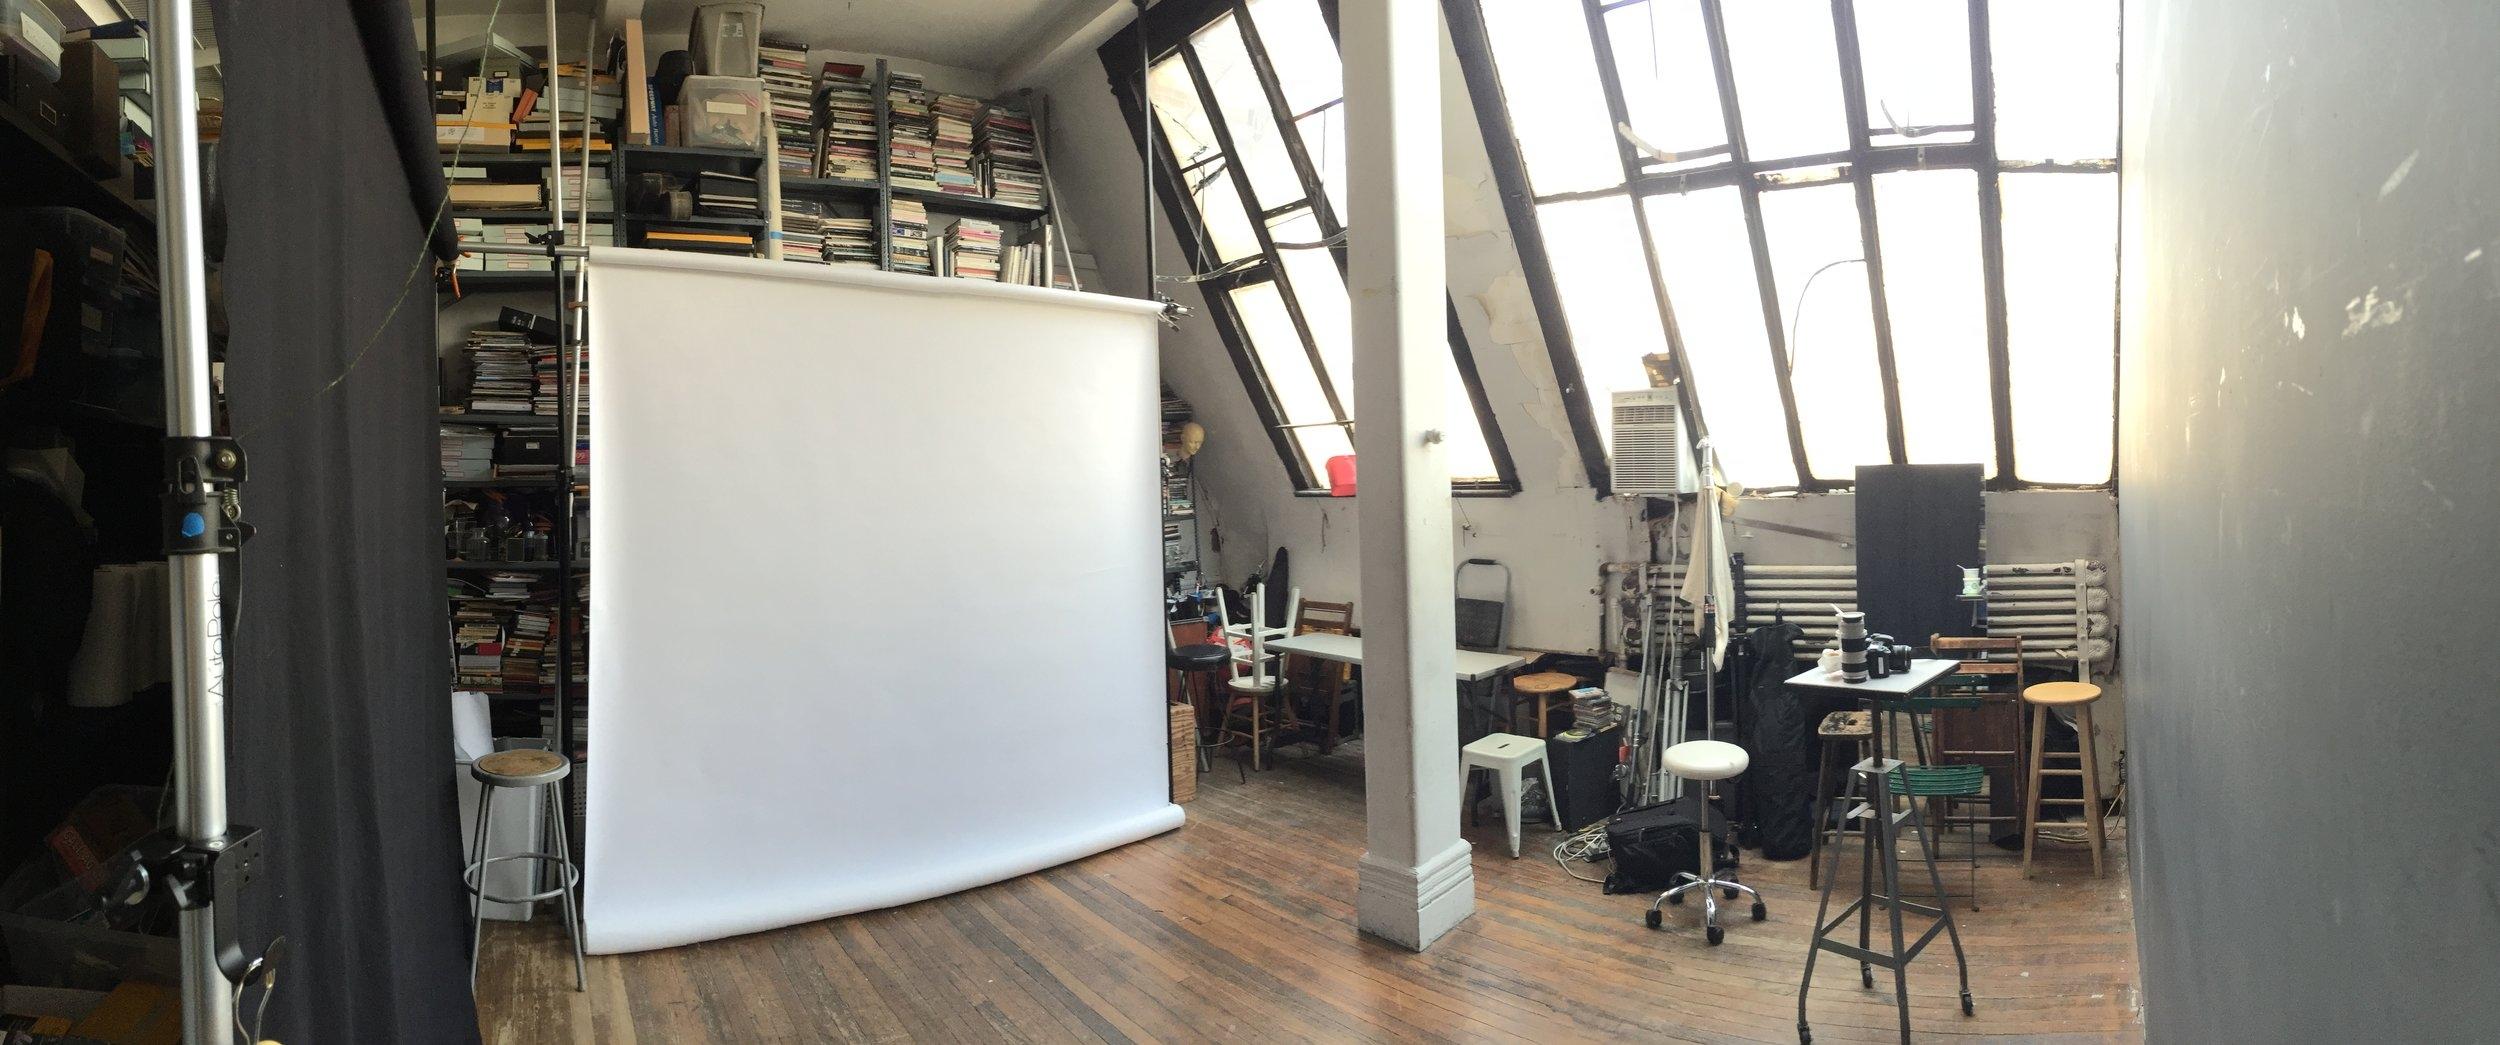 Studio 1121 - Andrew French Photographer